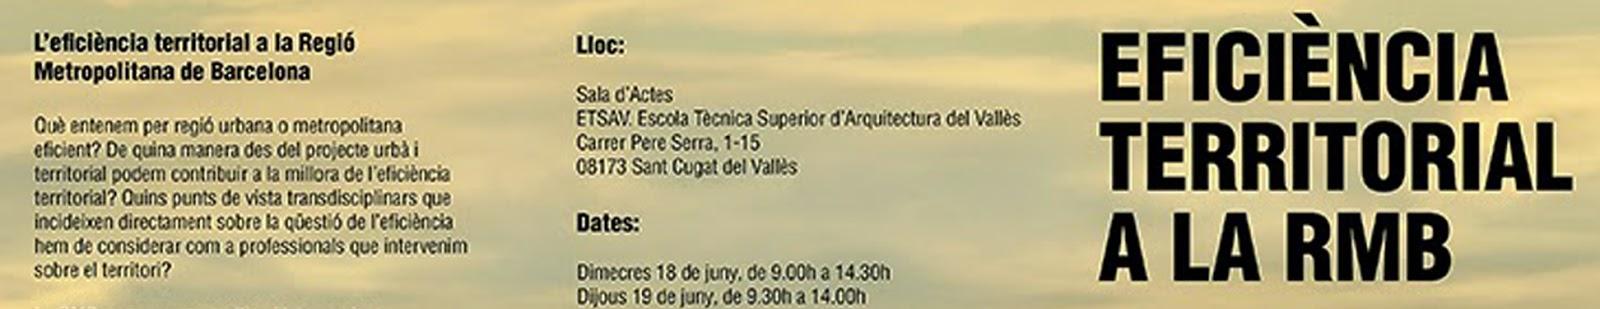 SEMINARI EFICIÈNCIA TERRITORIAL A LA RMB_CMT JUNY 2014